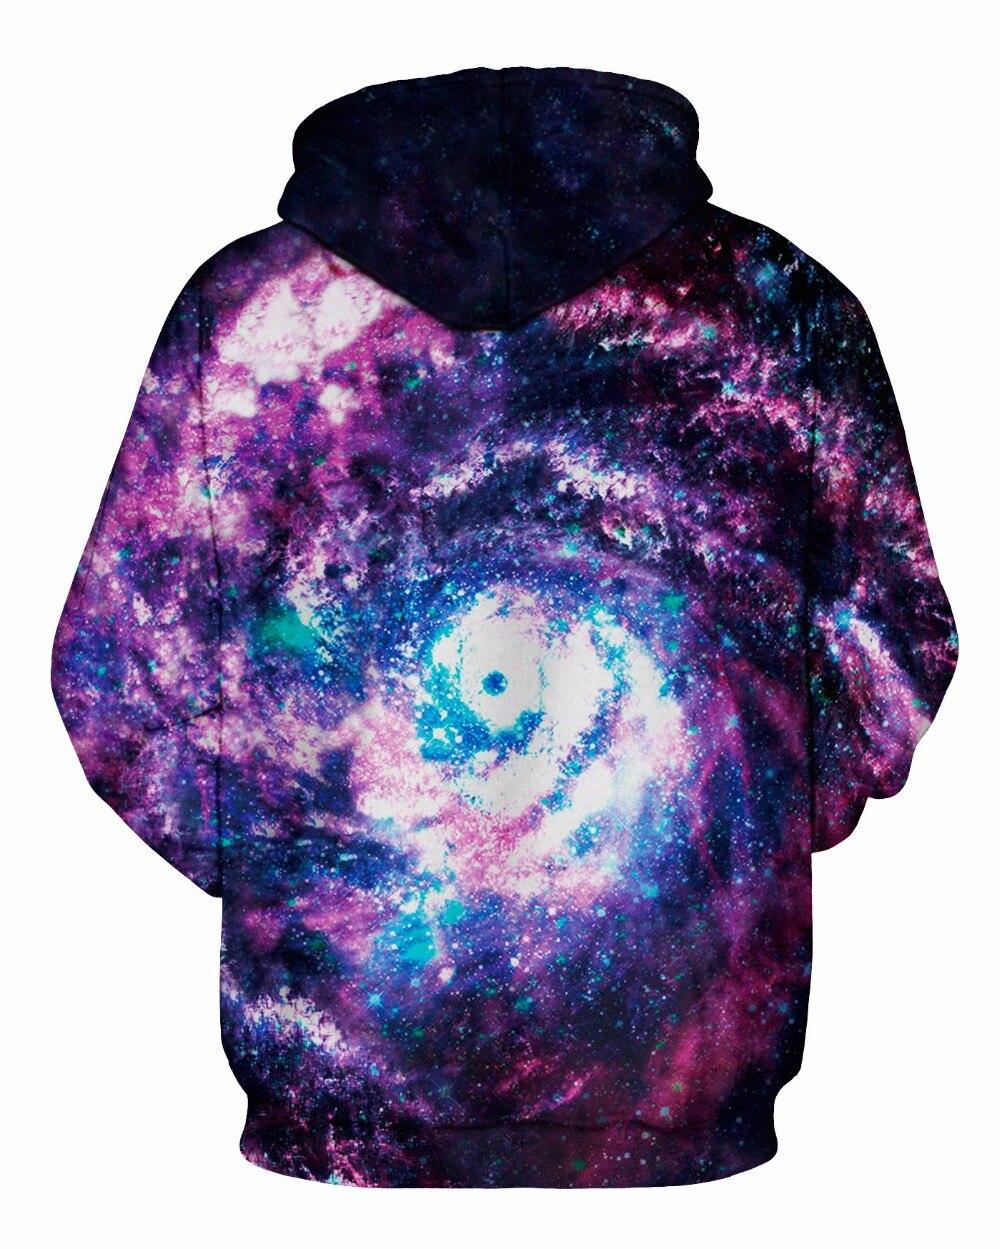 Mr.1991inc пространство звездное небо цифровой печати 3D Толстовки кофты Для мужчин Толстовка с капюшоном Европа Америка горячие Пуловеры для же...